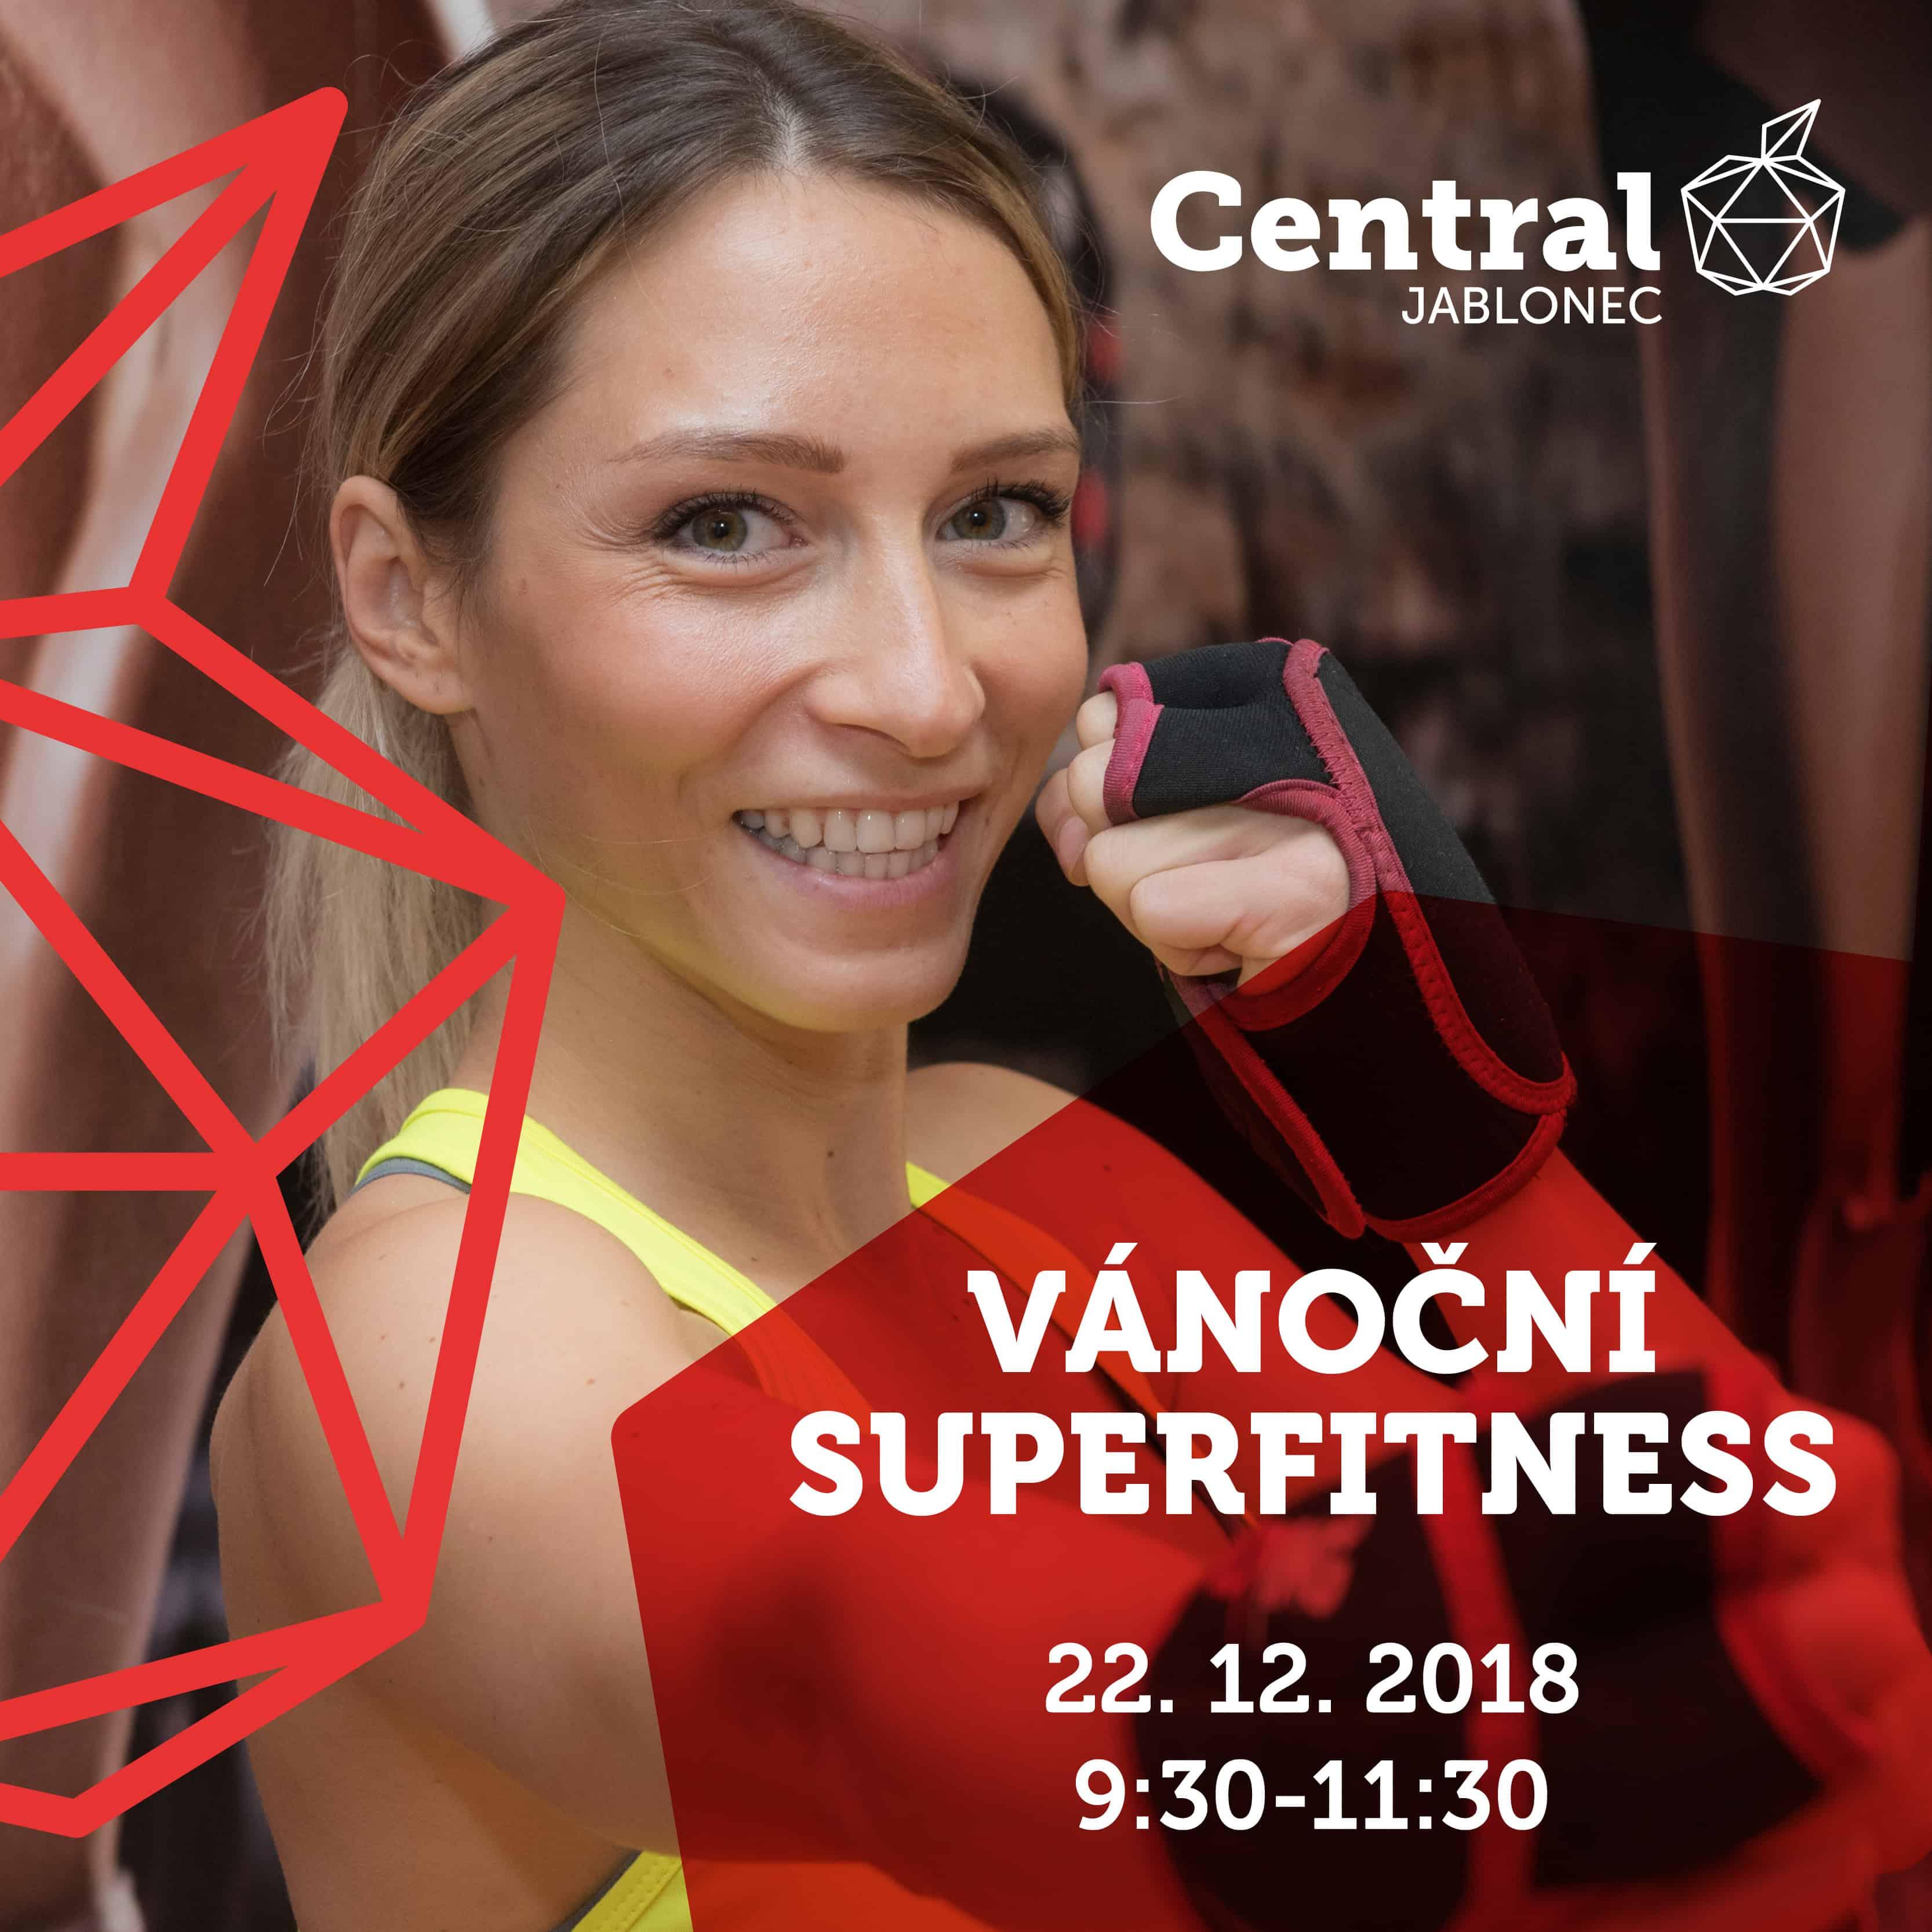 b43fee4ad0 VÁNOČNÍ SUPERFITNESS. Přijďte si dát do těla na VÁNOČNÍ SUPERFITNESS v Central  Jablonec!